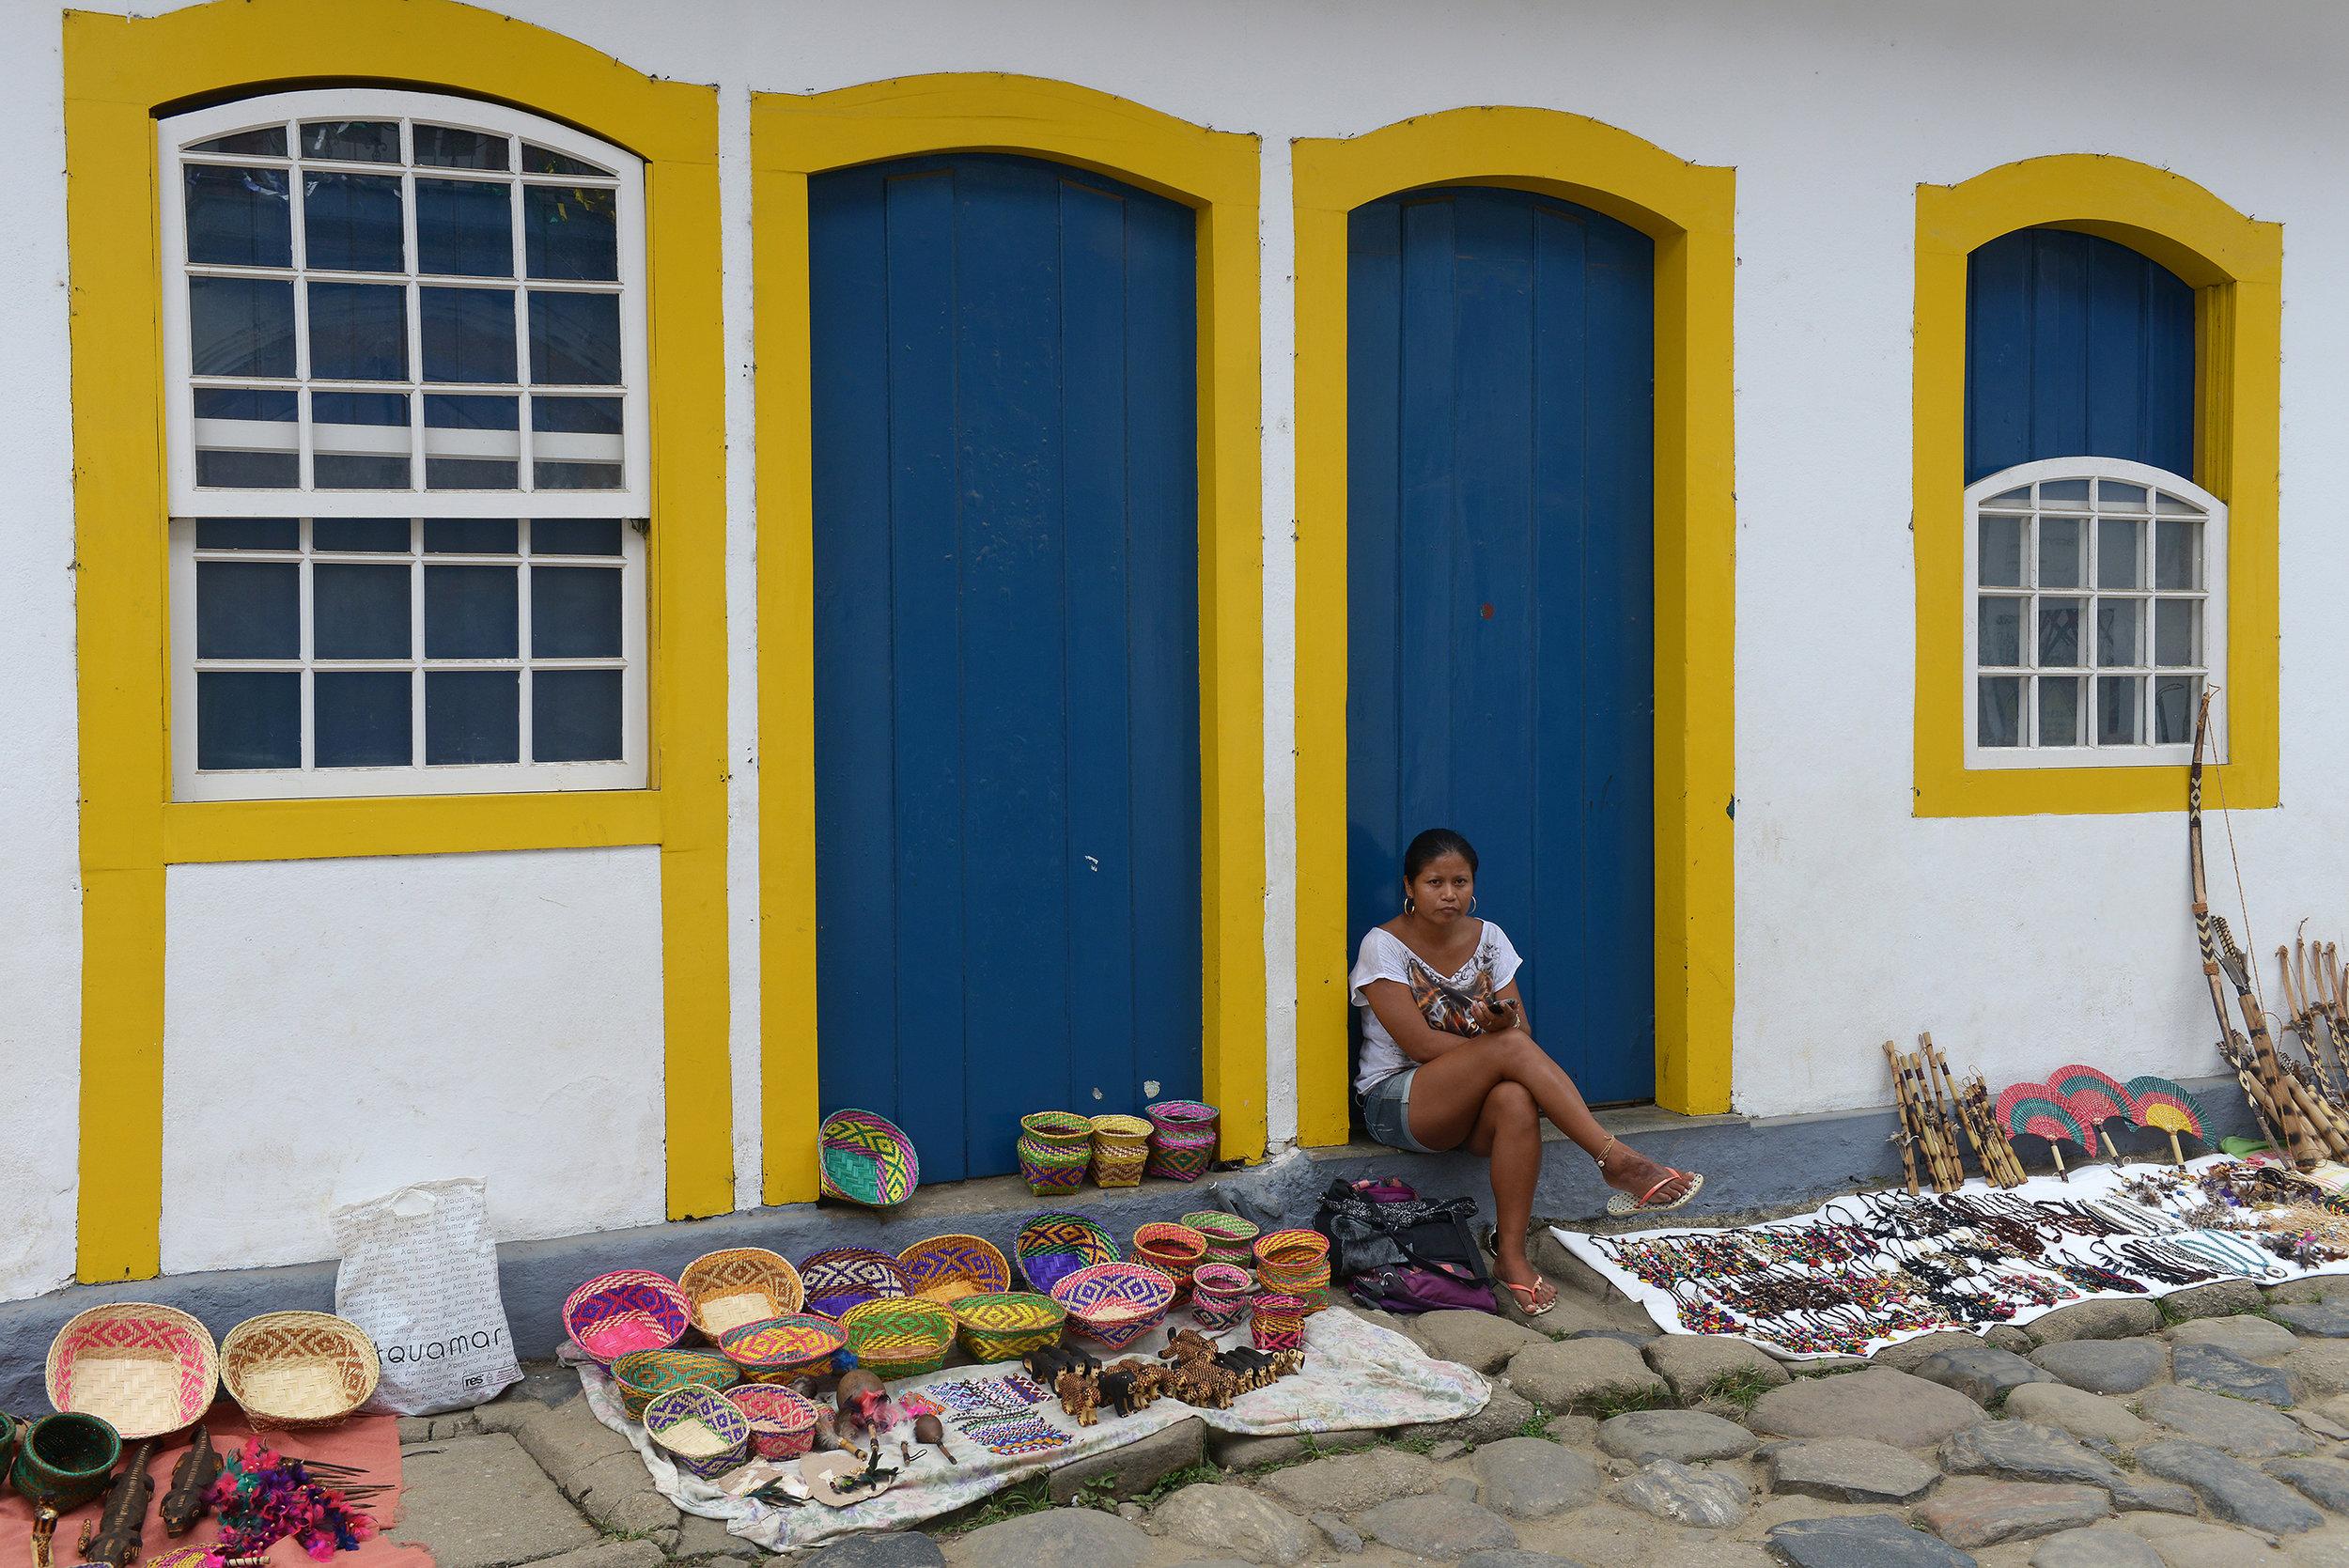 Brasilia, Paraty, matkamuistoja